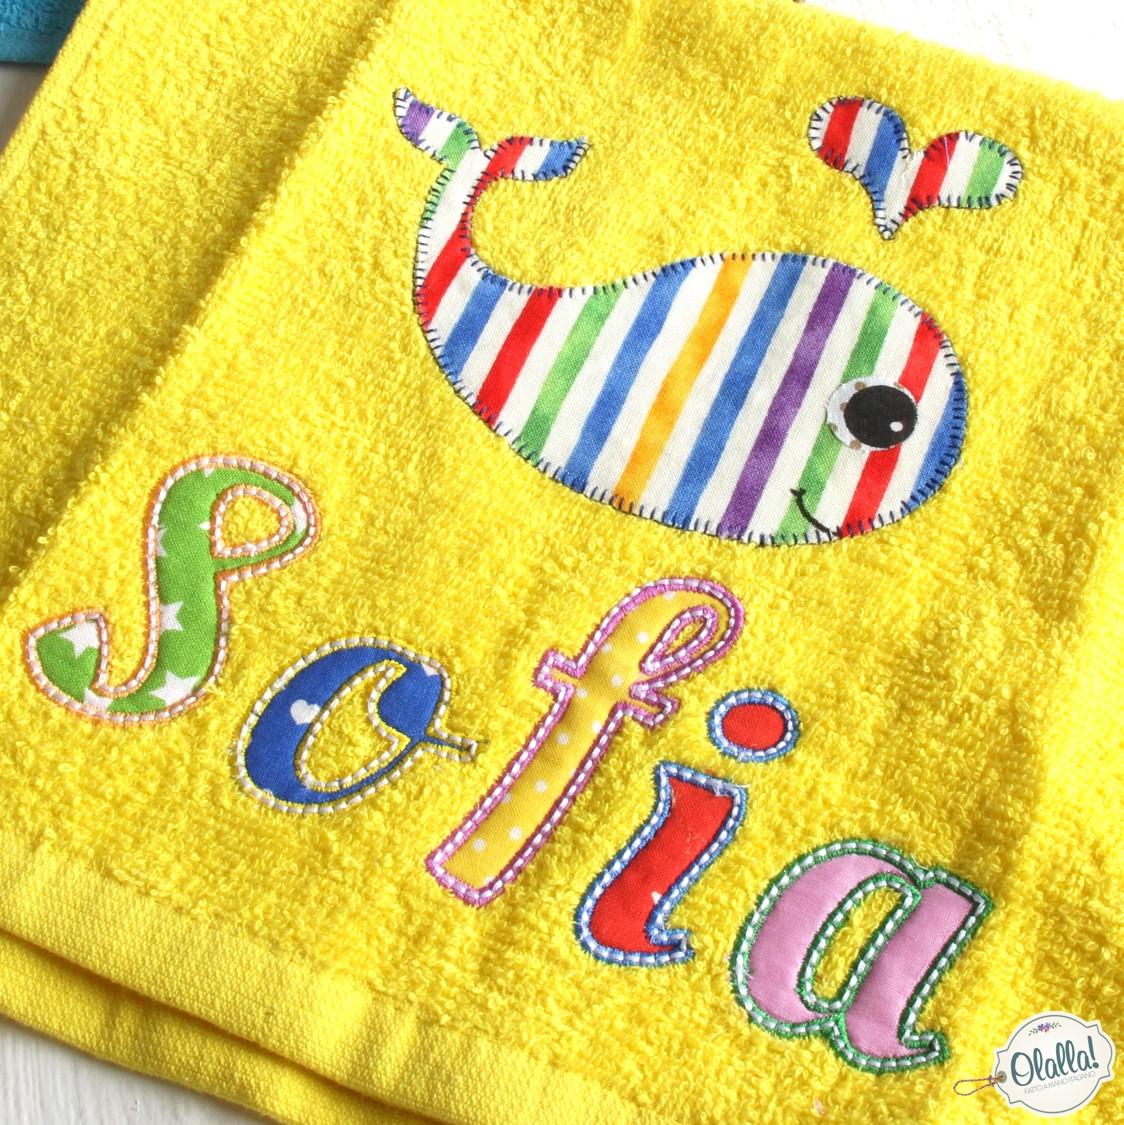 asciugamano-bimbo-personalizzato (4)